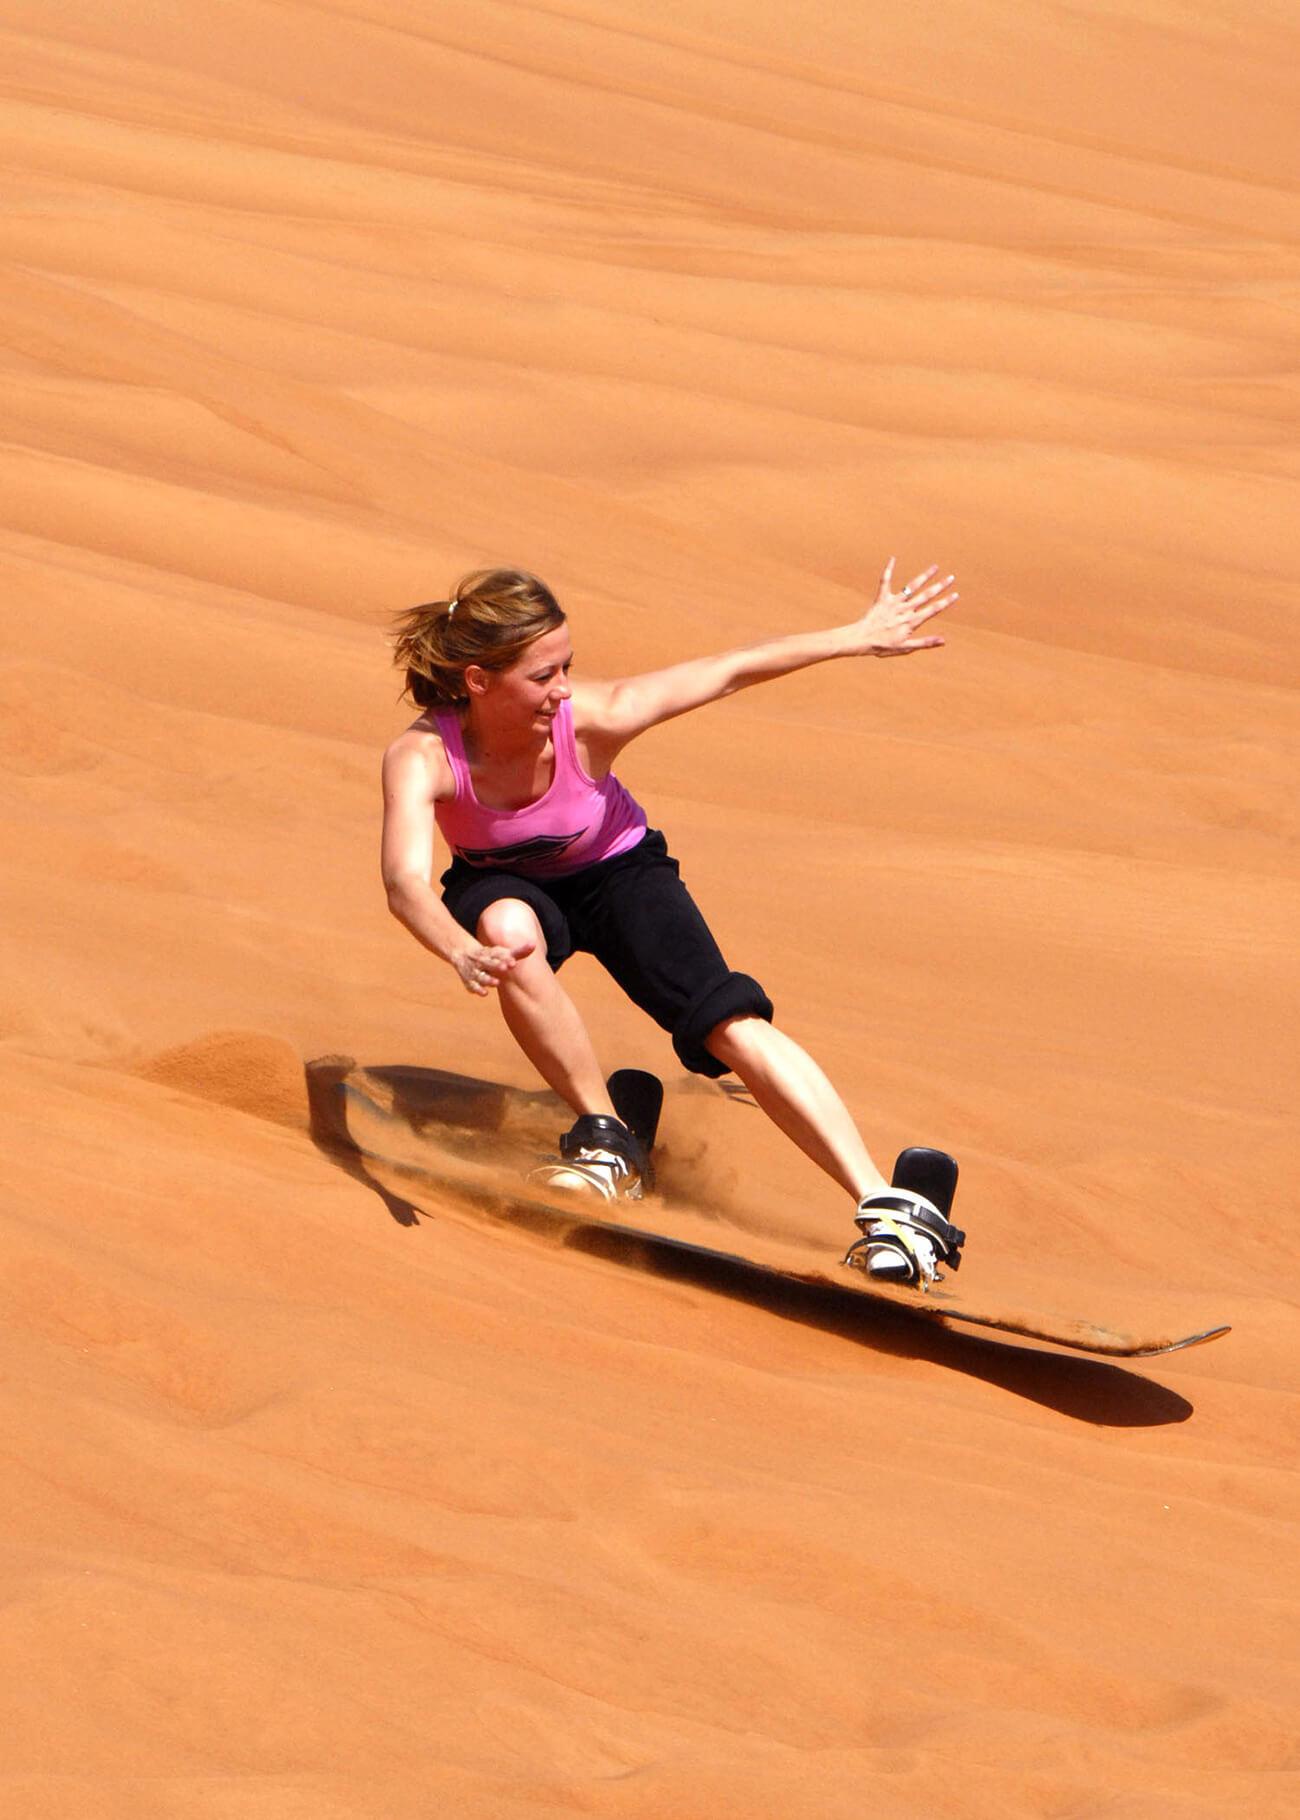 Five Amazing Adventure Activities in Morocco - Sandboarding / Dune Surfing